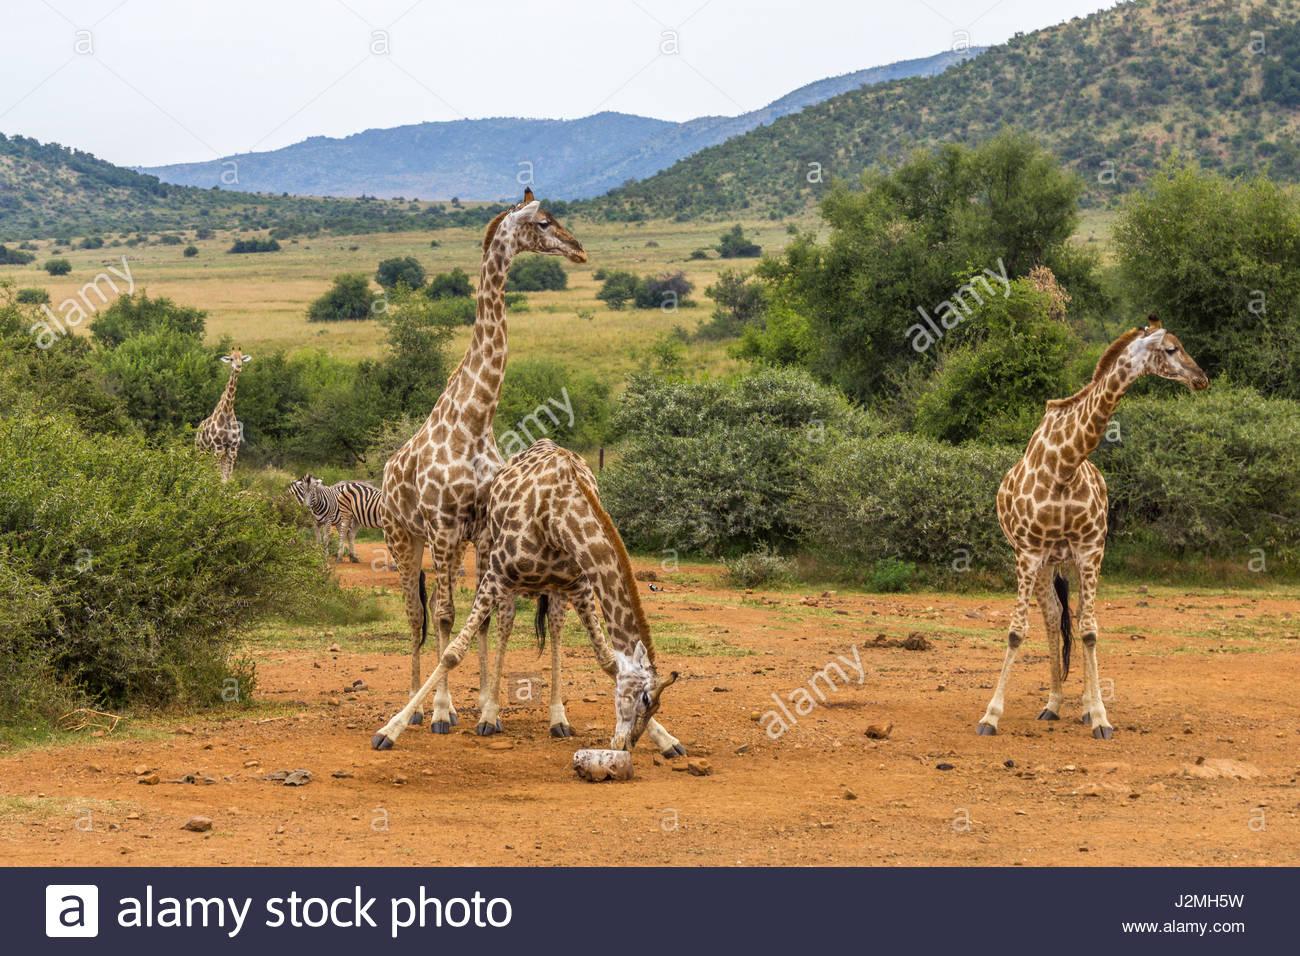 Una giraffa divarica le sue gambe per raggiungere un sale-leccare nel parco nazionale di Pilanesberg. minerali ricchi Immagini Stock